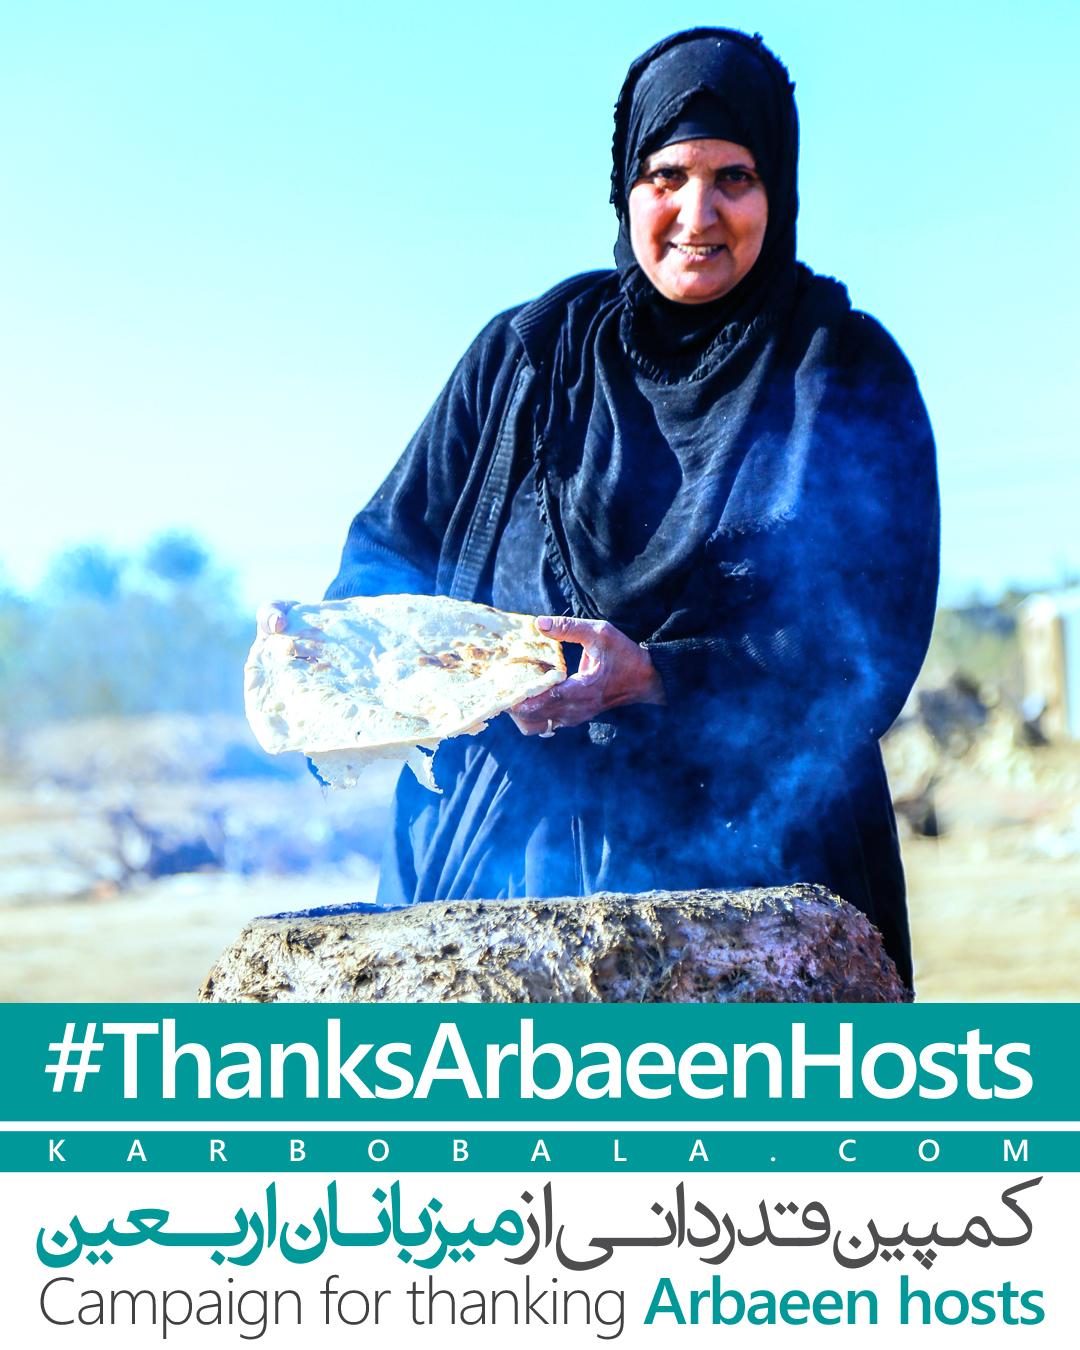 به کمپین قدردانی از میزبانان اربعین بپیوندید (ThanksArbaeenHosts#)